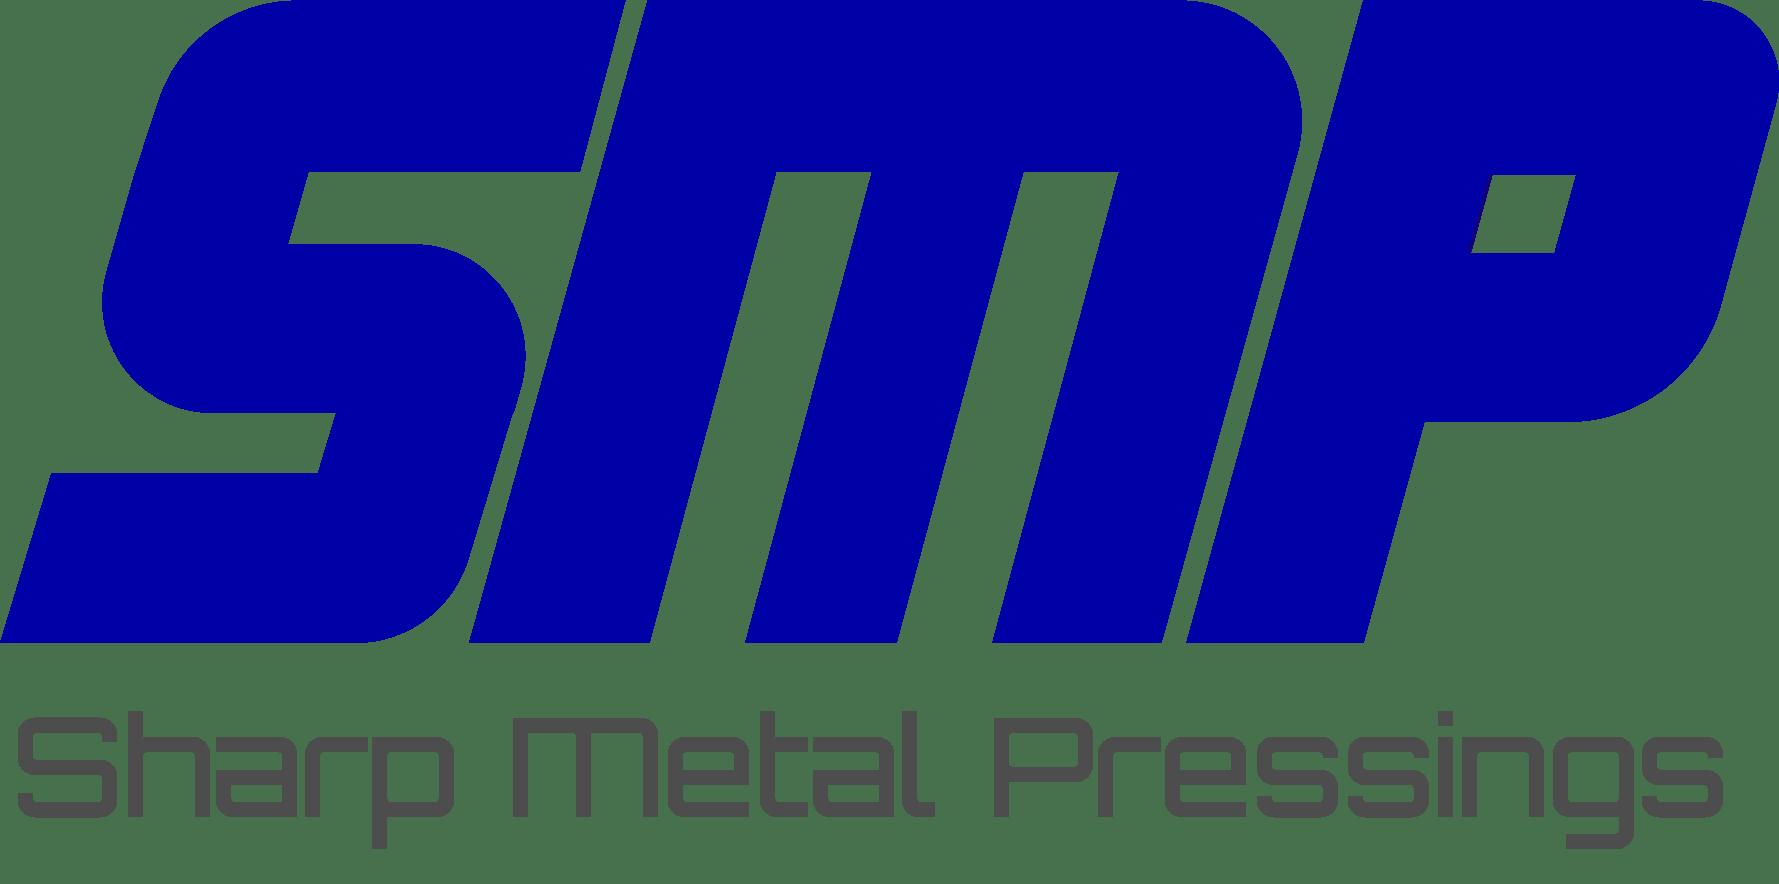 Sharp Metal Pressings